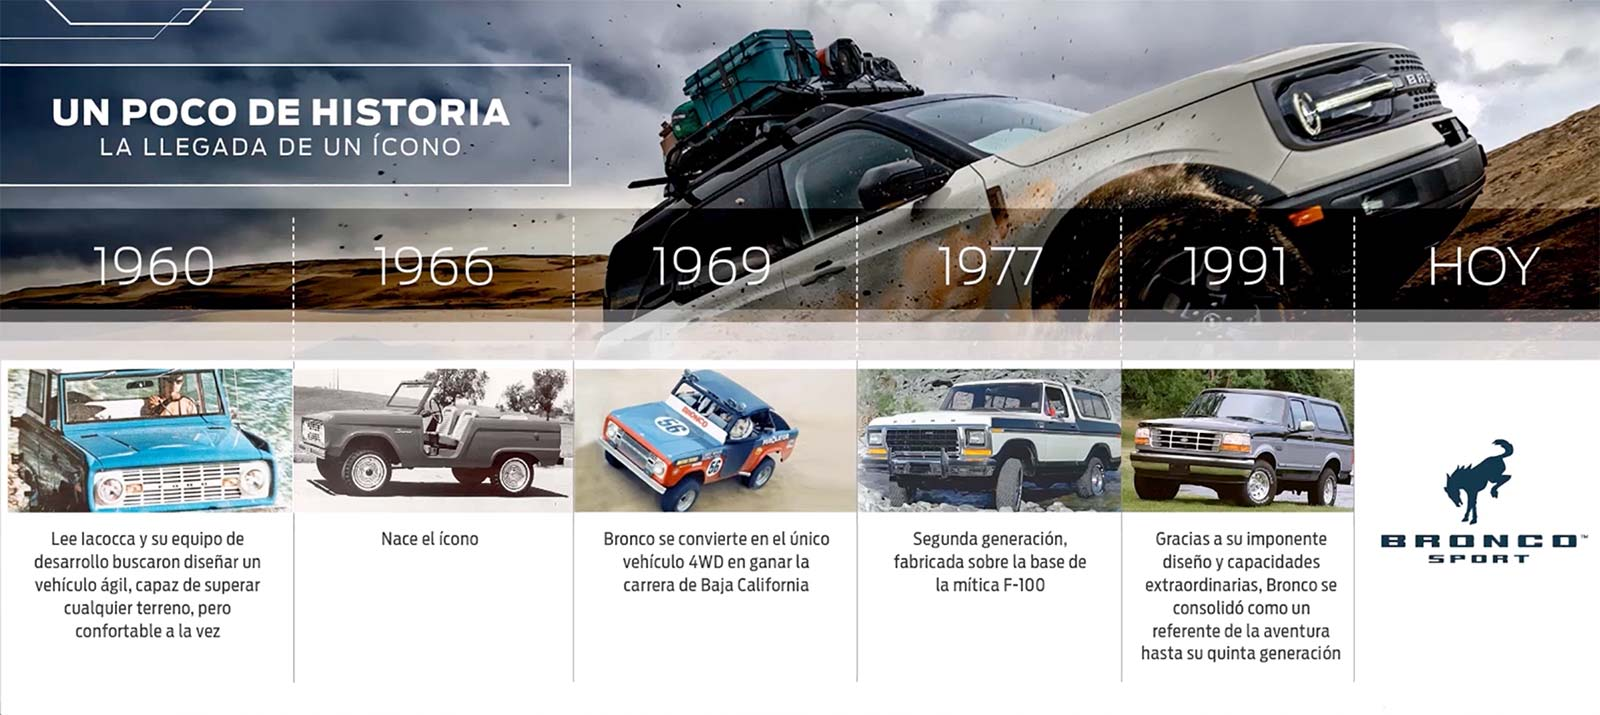 Ford Bronco historia